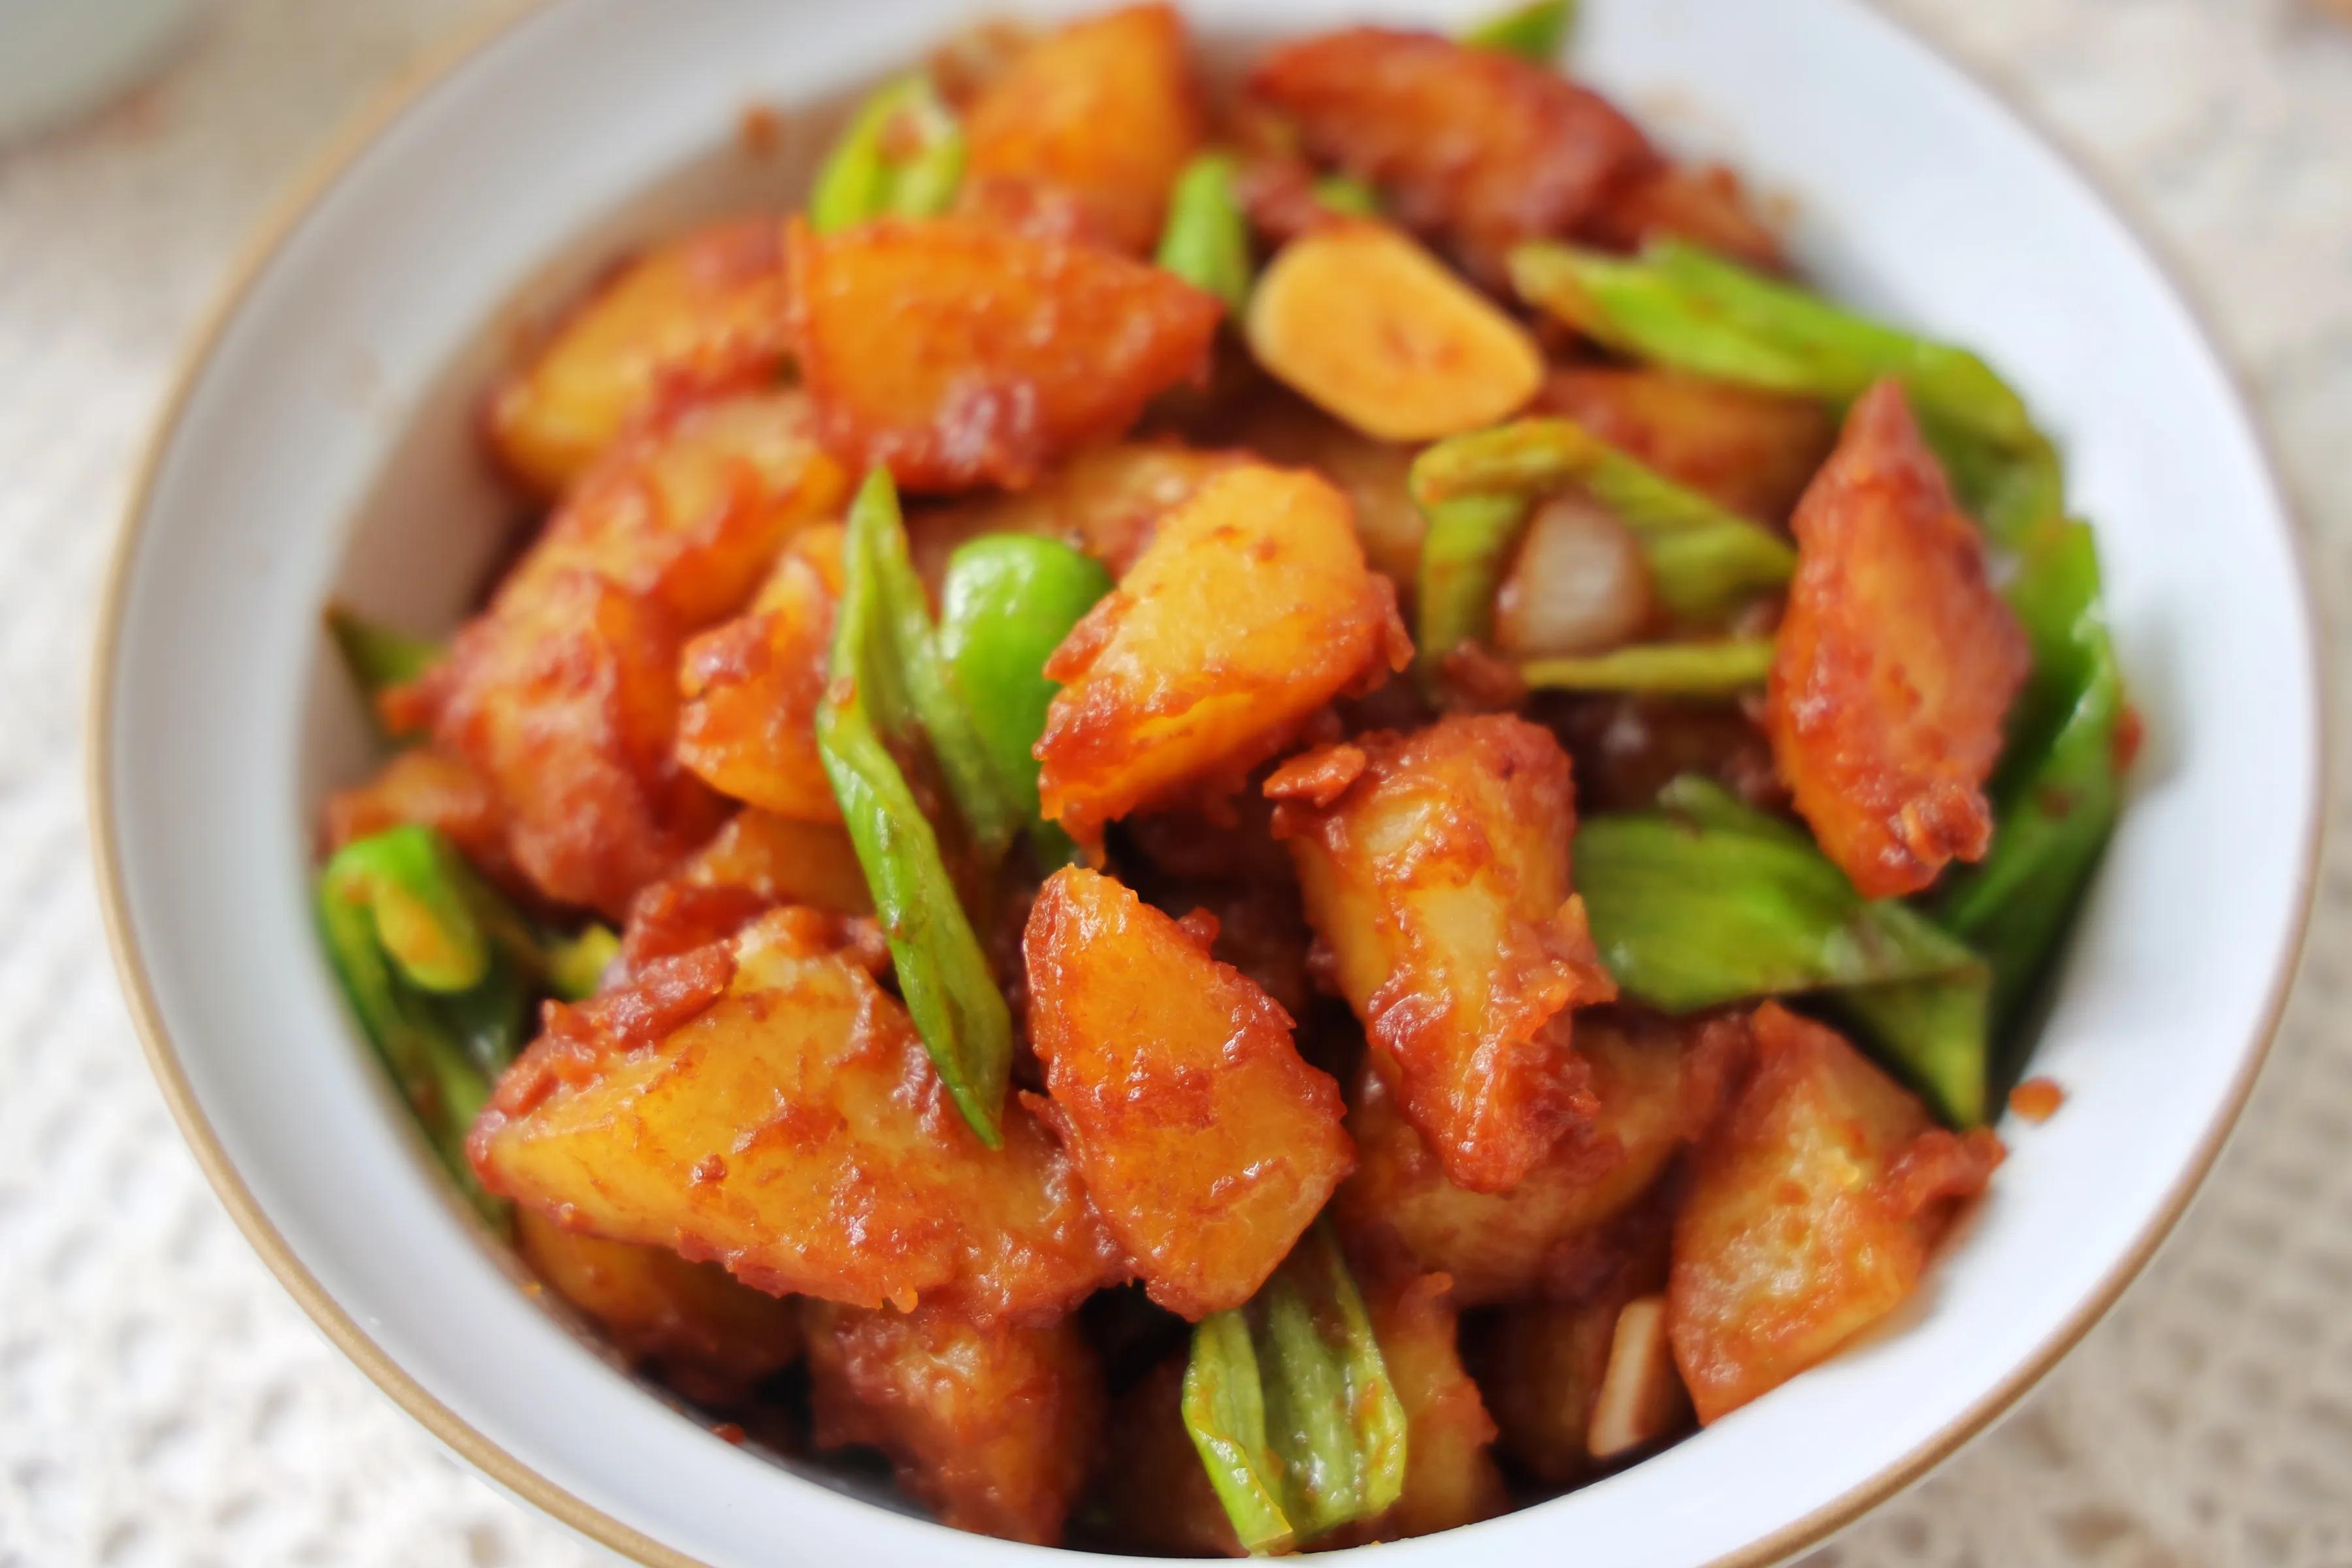 土豆简单做一做,当饭又当菜,软烂入味,入口即化,比红烧还过瘾 美食做法 第1张